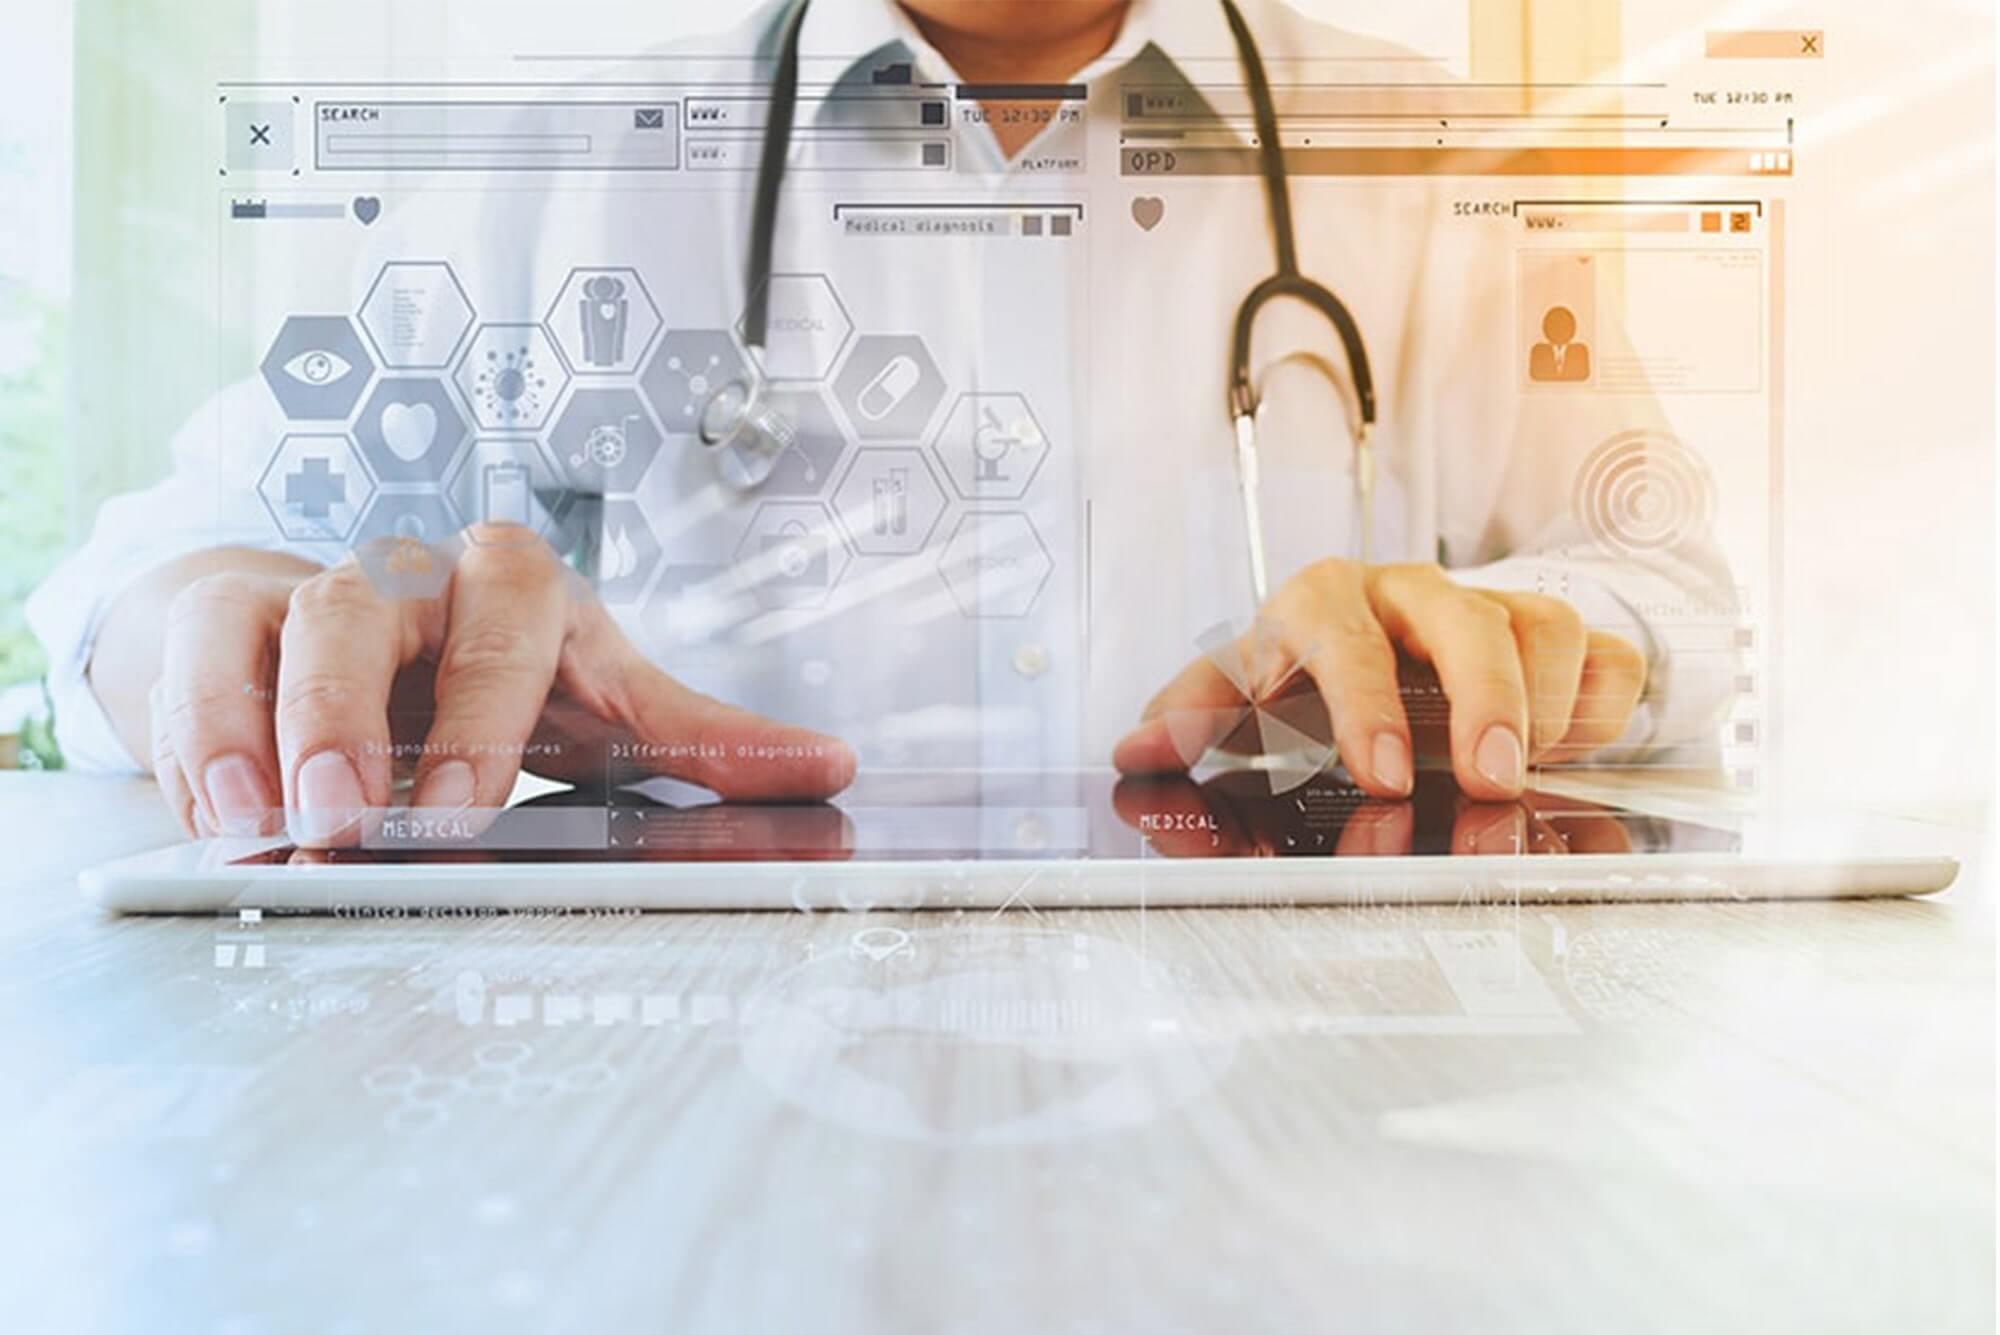 Arzt benutz eine digitale Gesundheitsanwendung auf dem iPad